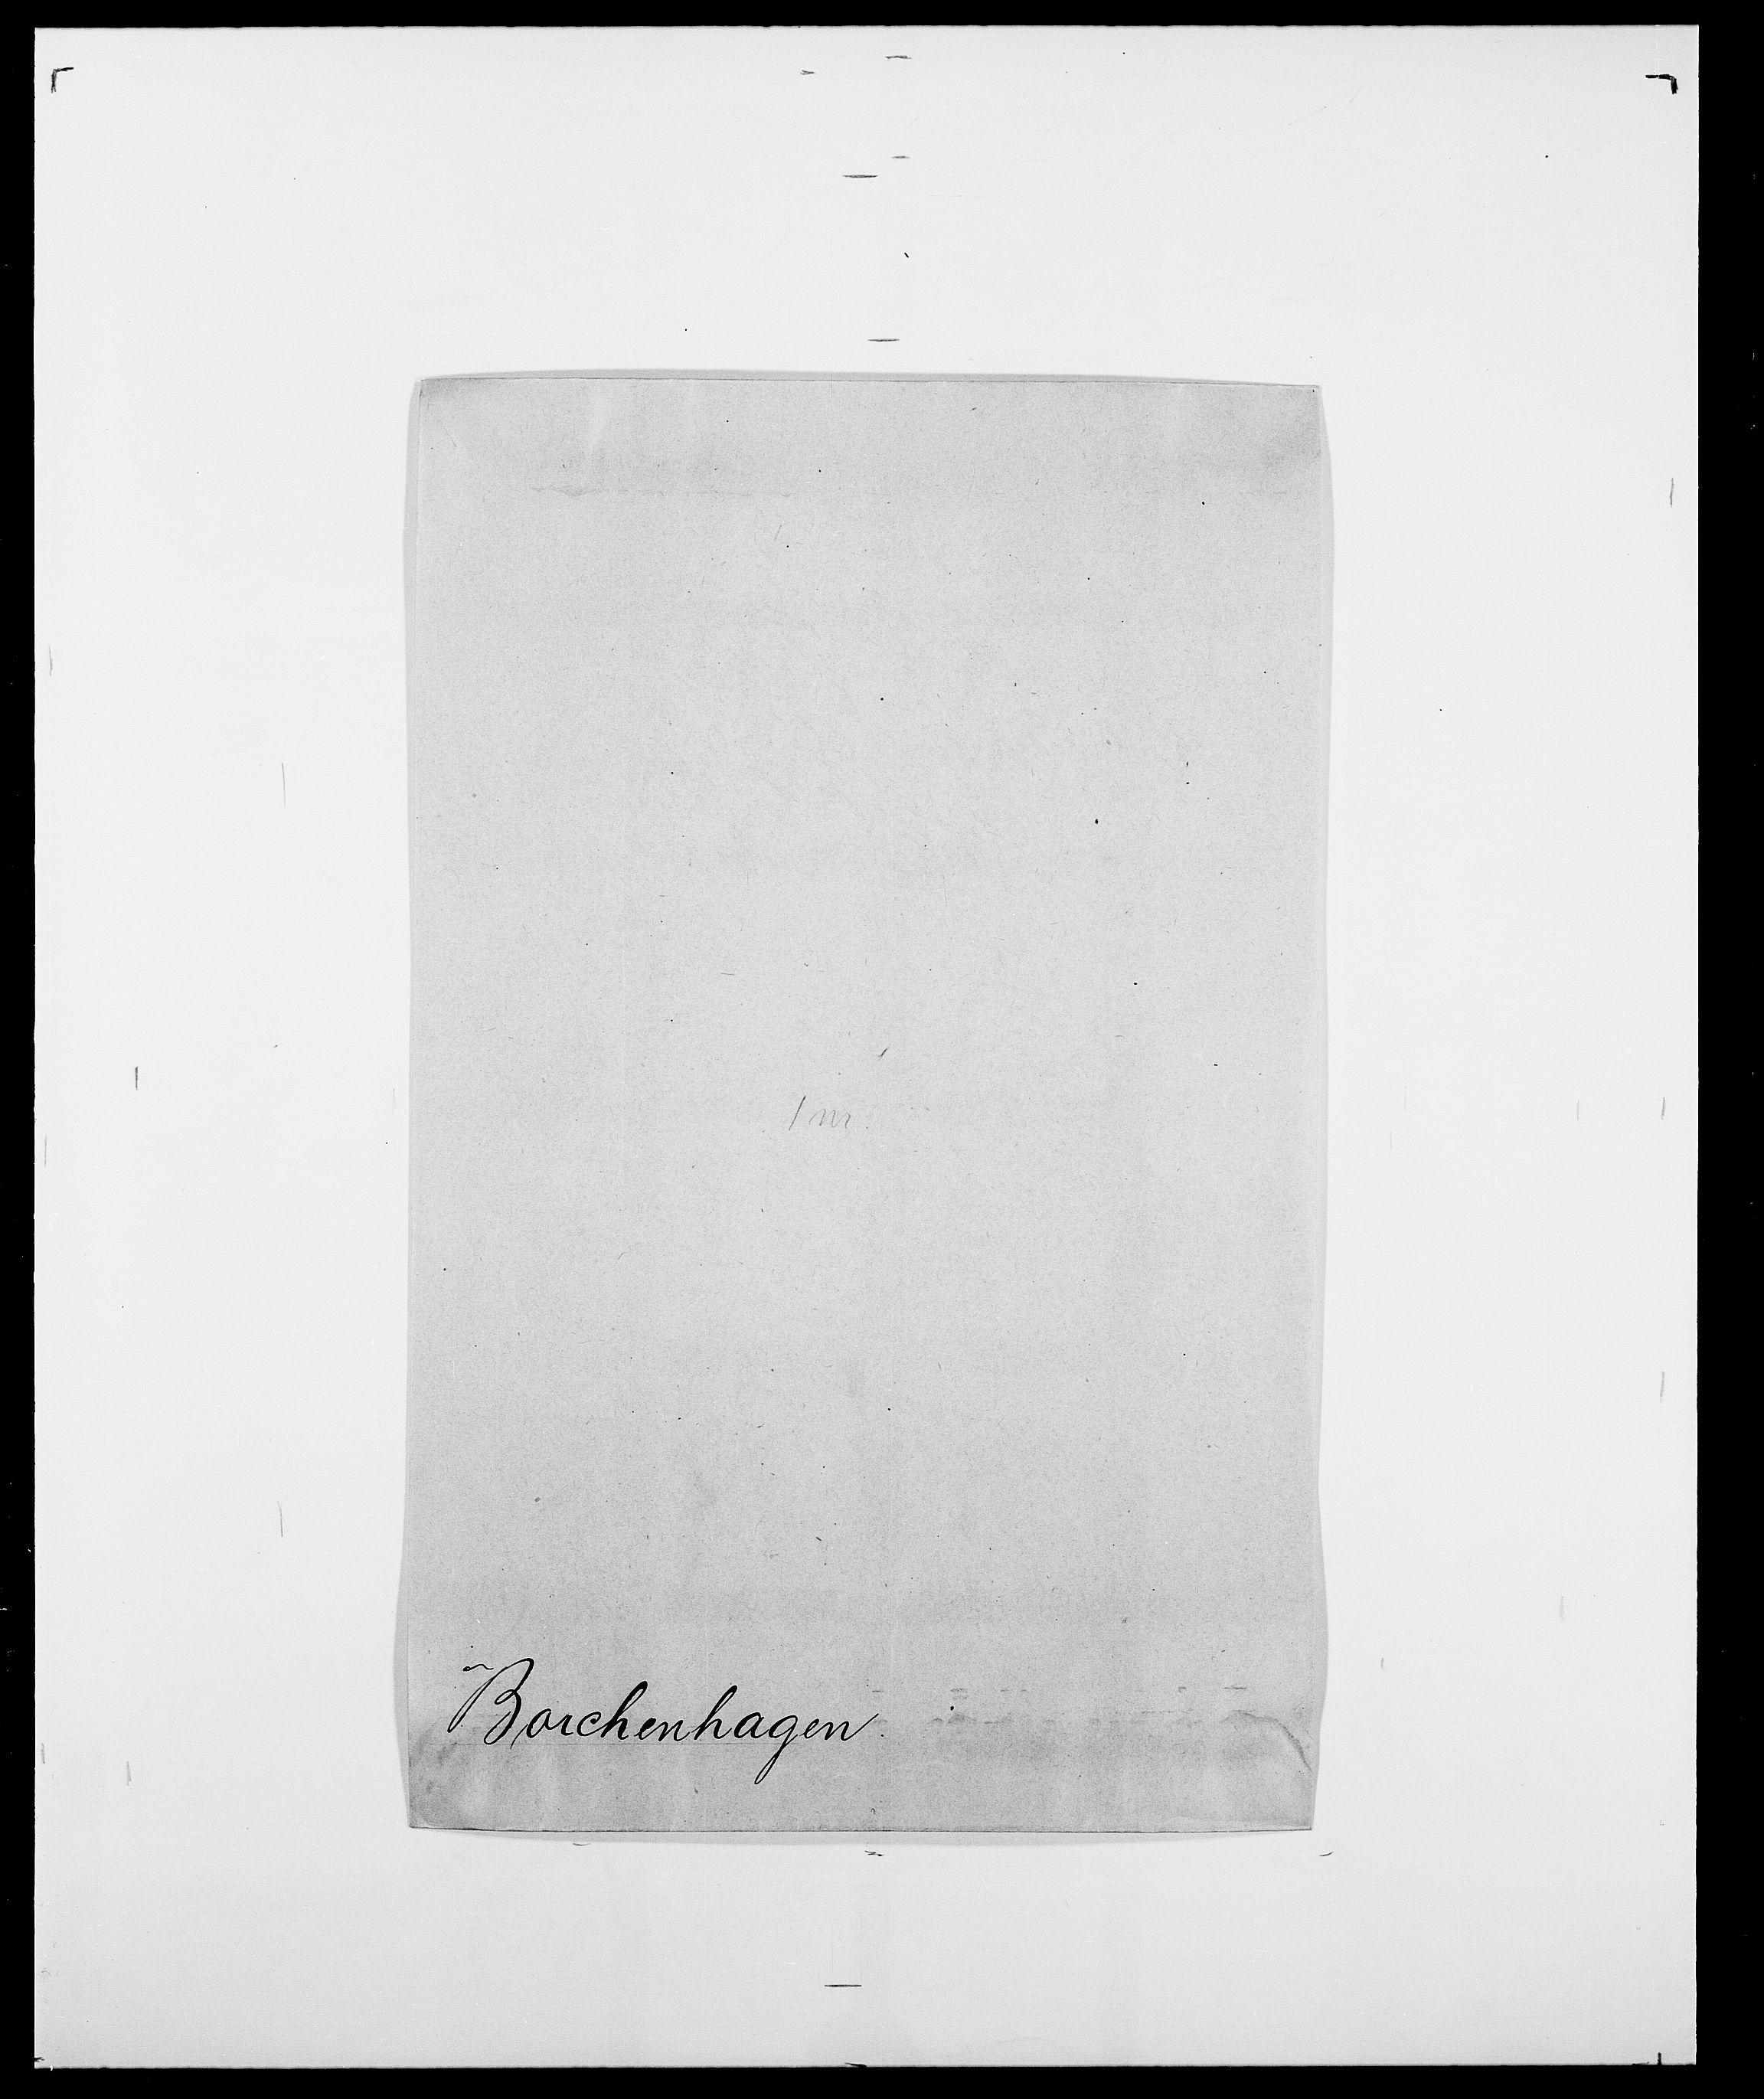 SAO, Delgobe, Charles Antoine - samling, D/Da/L0005: Boalth - Brahm, s. 214